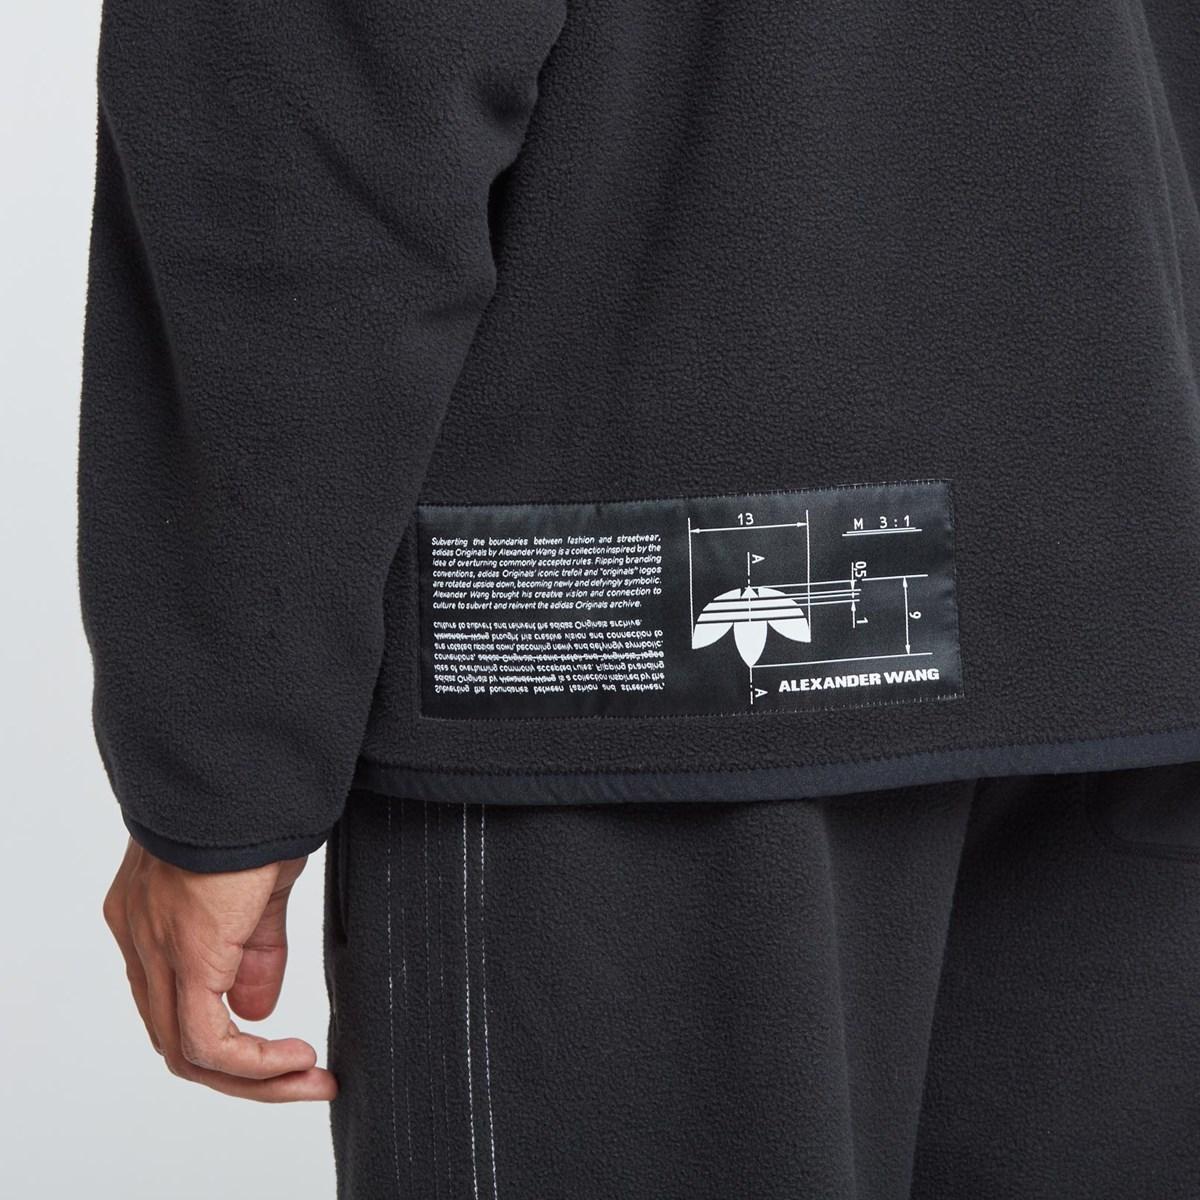 adidas Fleece Jacket - Cv5249 - Sneakersnstuff   sneakers & streetwear  online since 1999